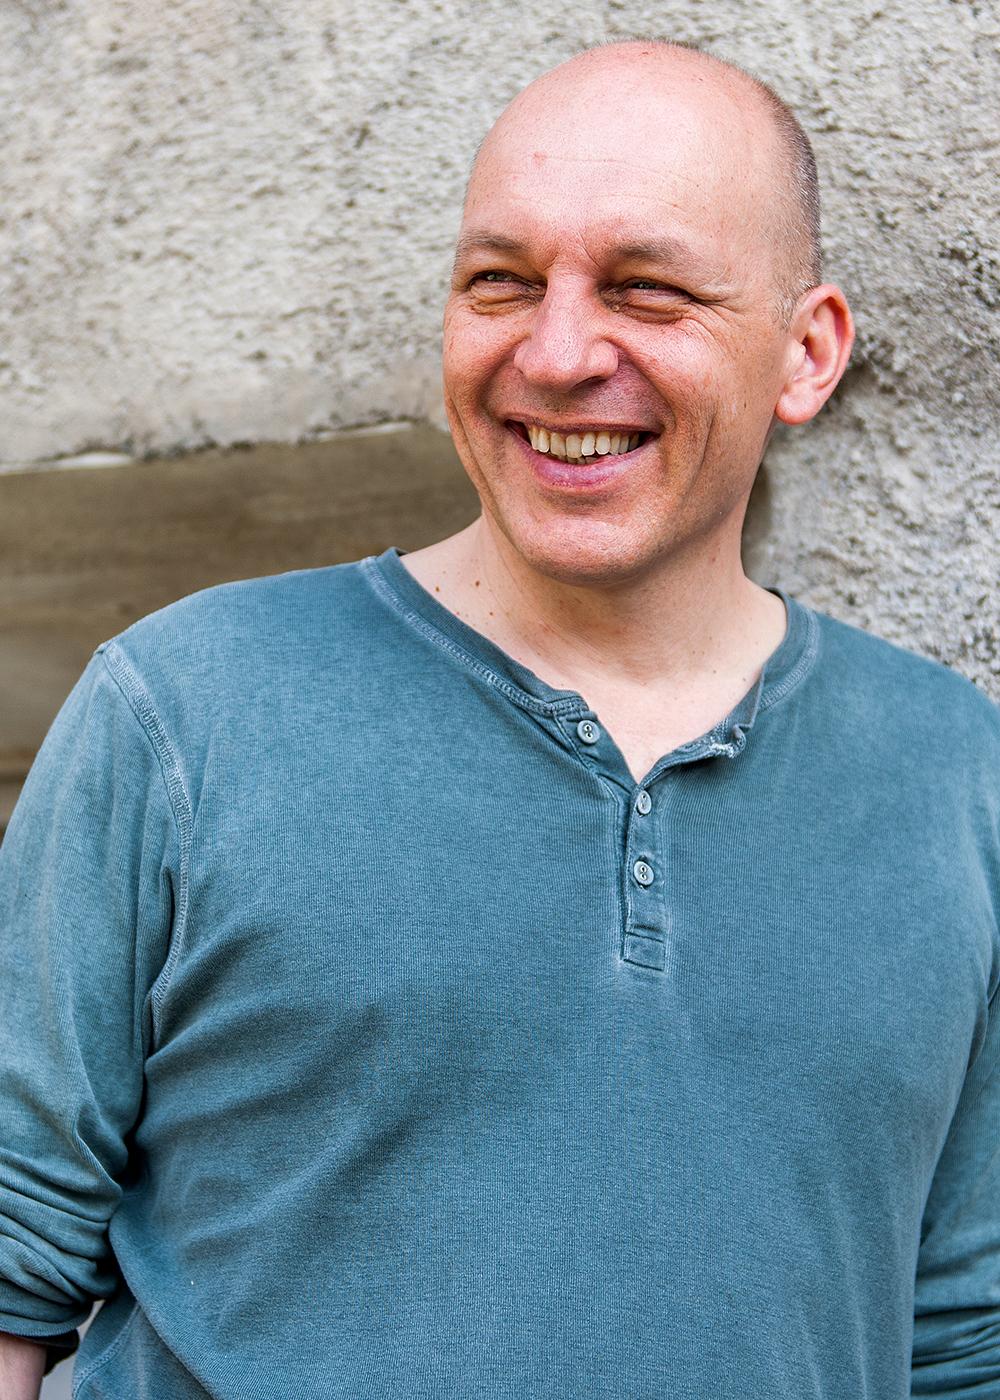 Tim Krohn ist Schriftsteller und lebt in Santa Maria. Der Text ist seine Rede zur 1. August-Feier der Val Müstair von 2016.  Bild: zVg